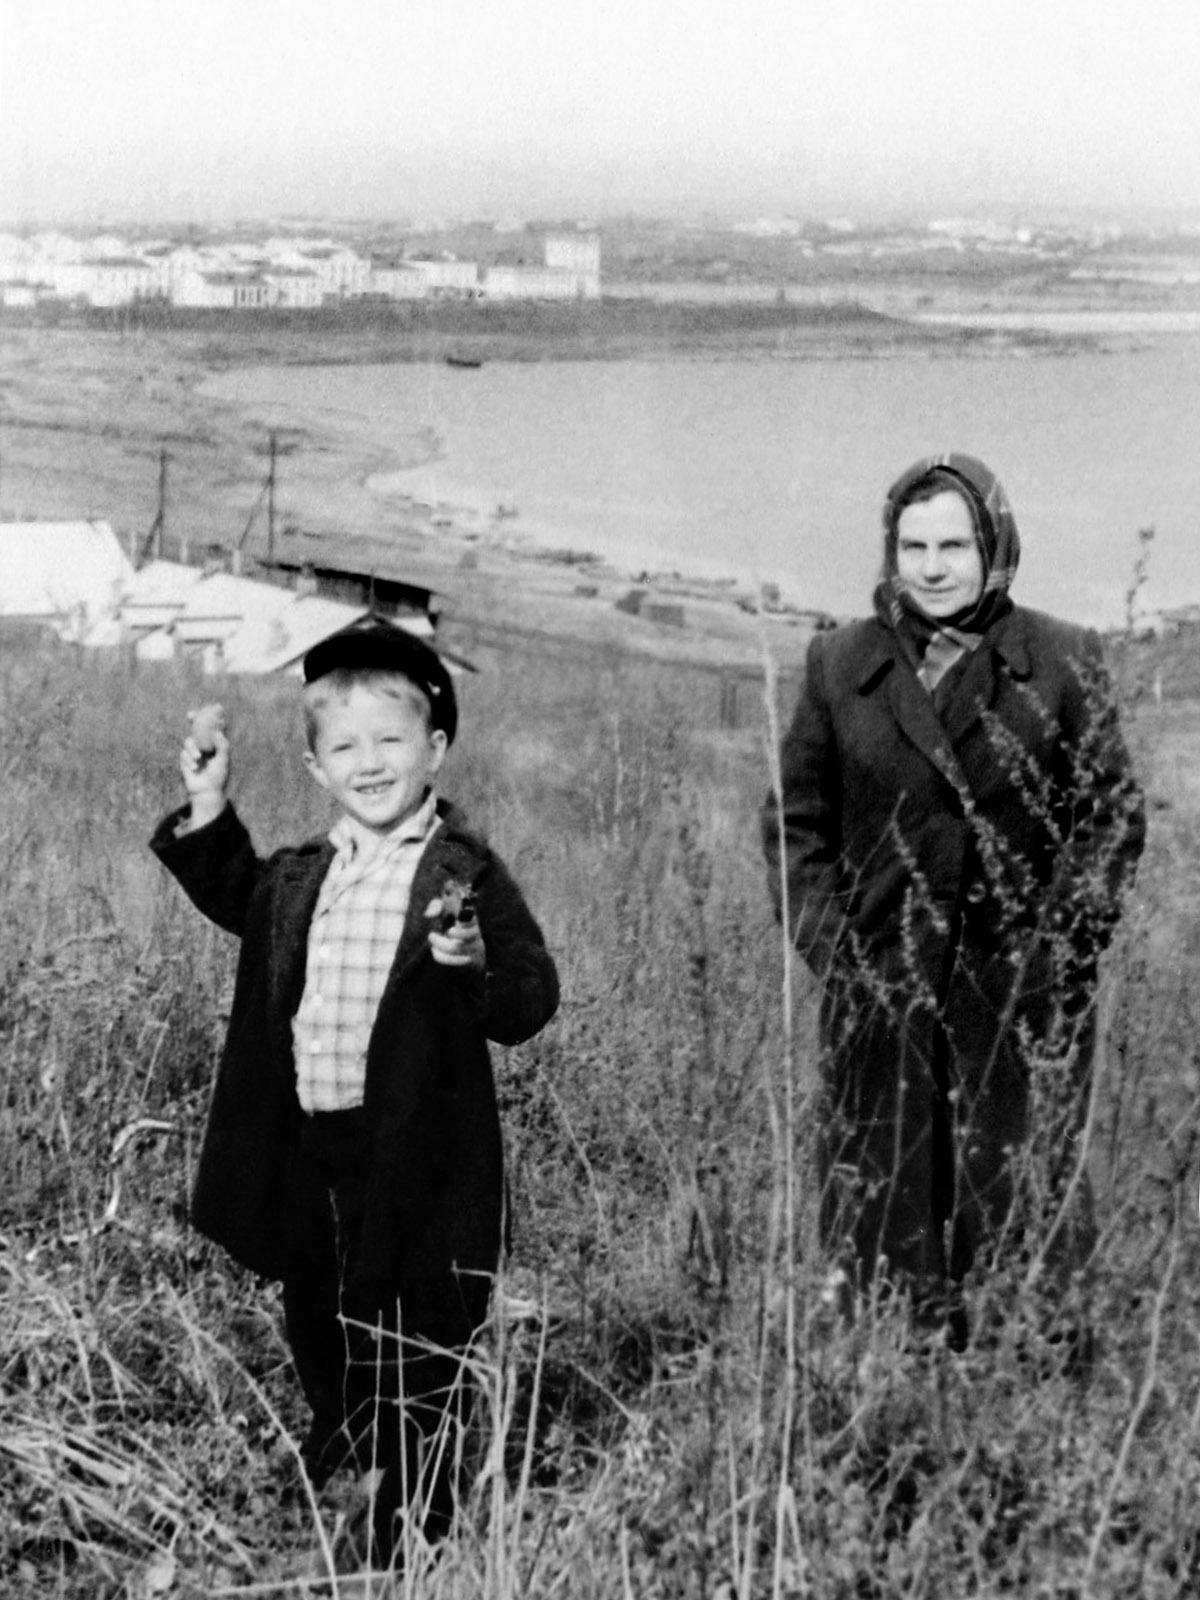 1962. В районе поселка ГЭС. На заднем плане здания Управления Иркутской ГЭС. Октябрь